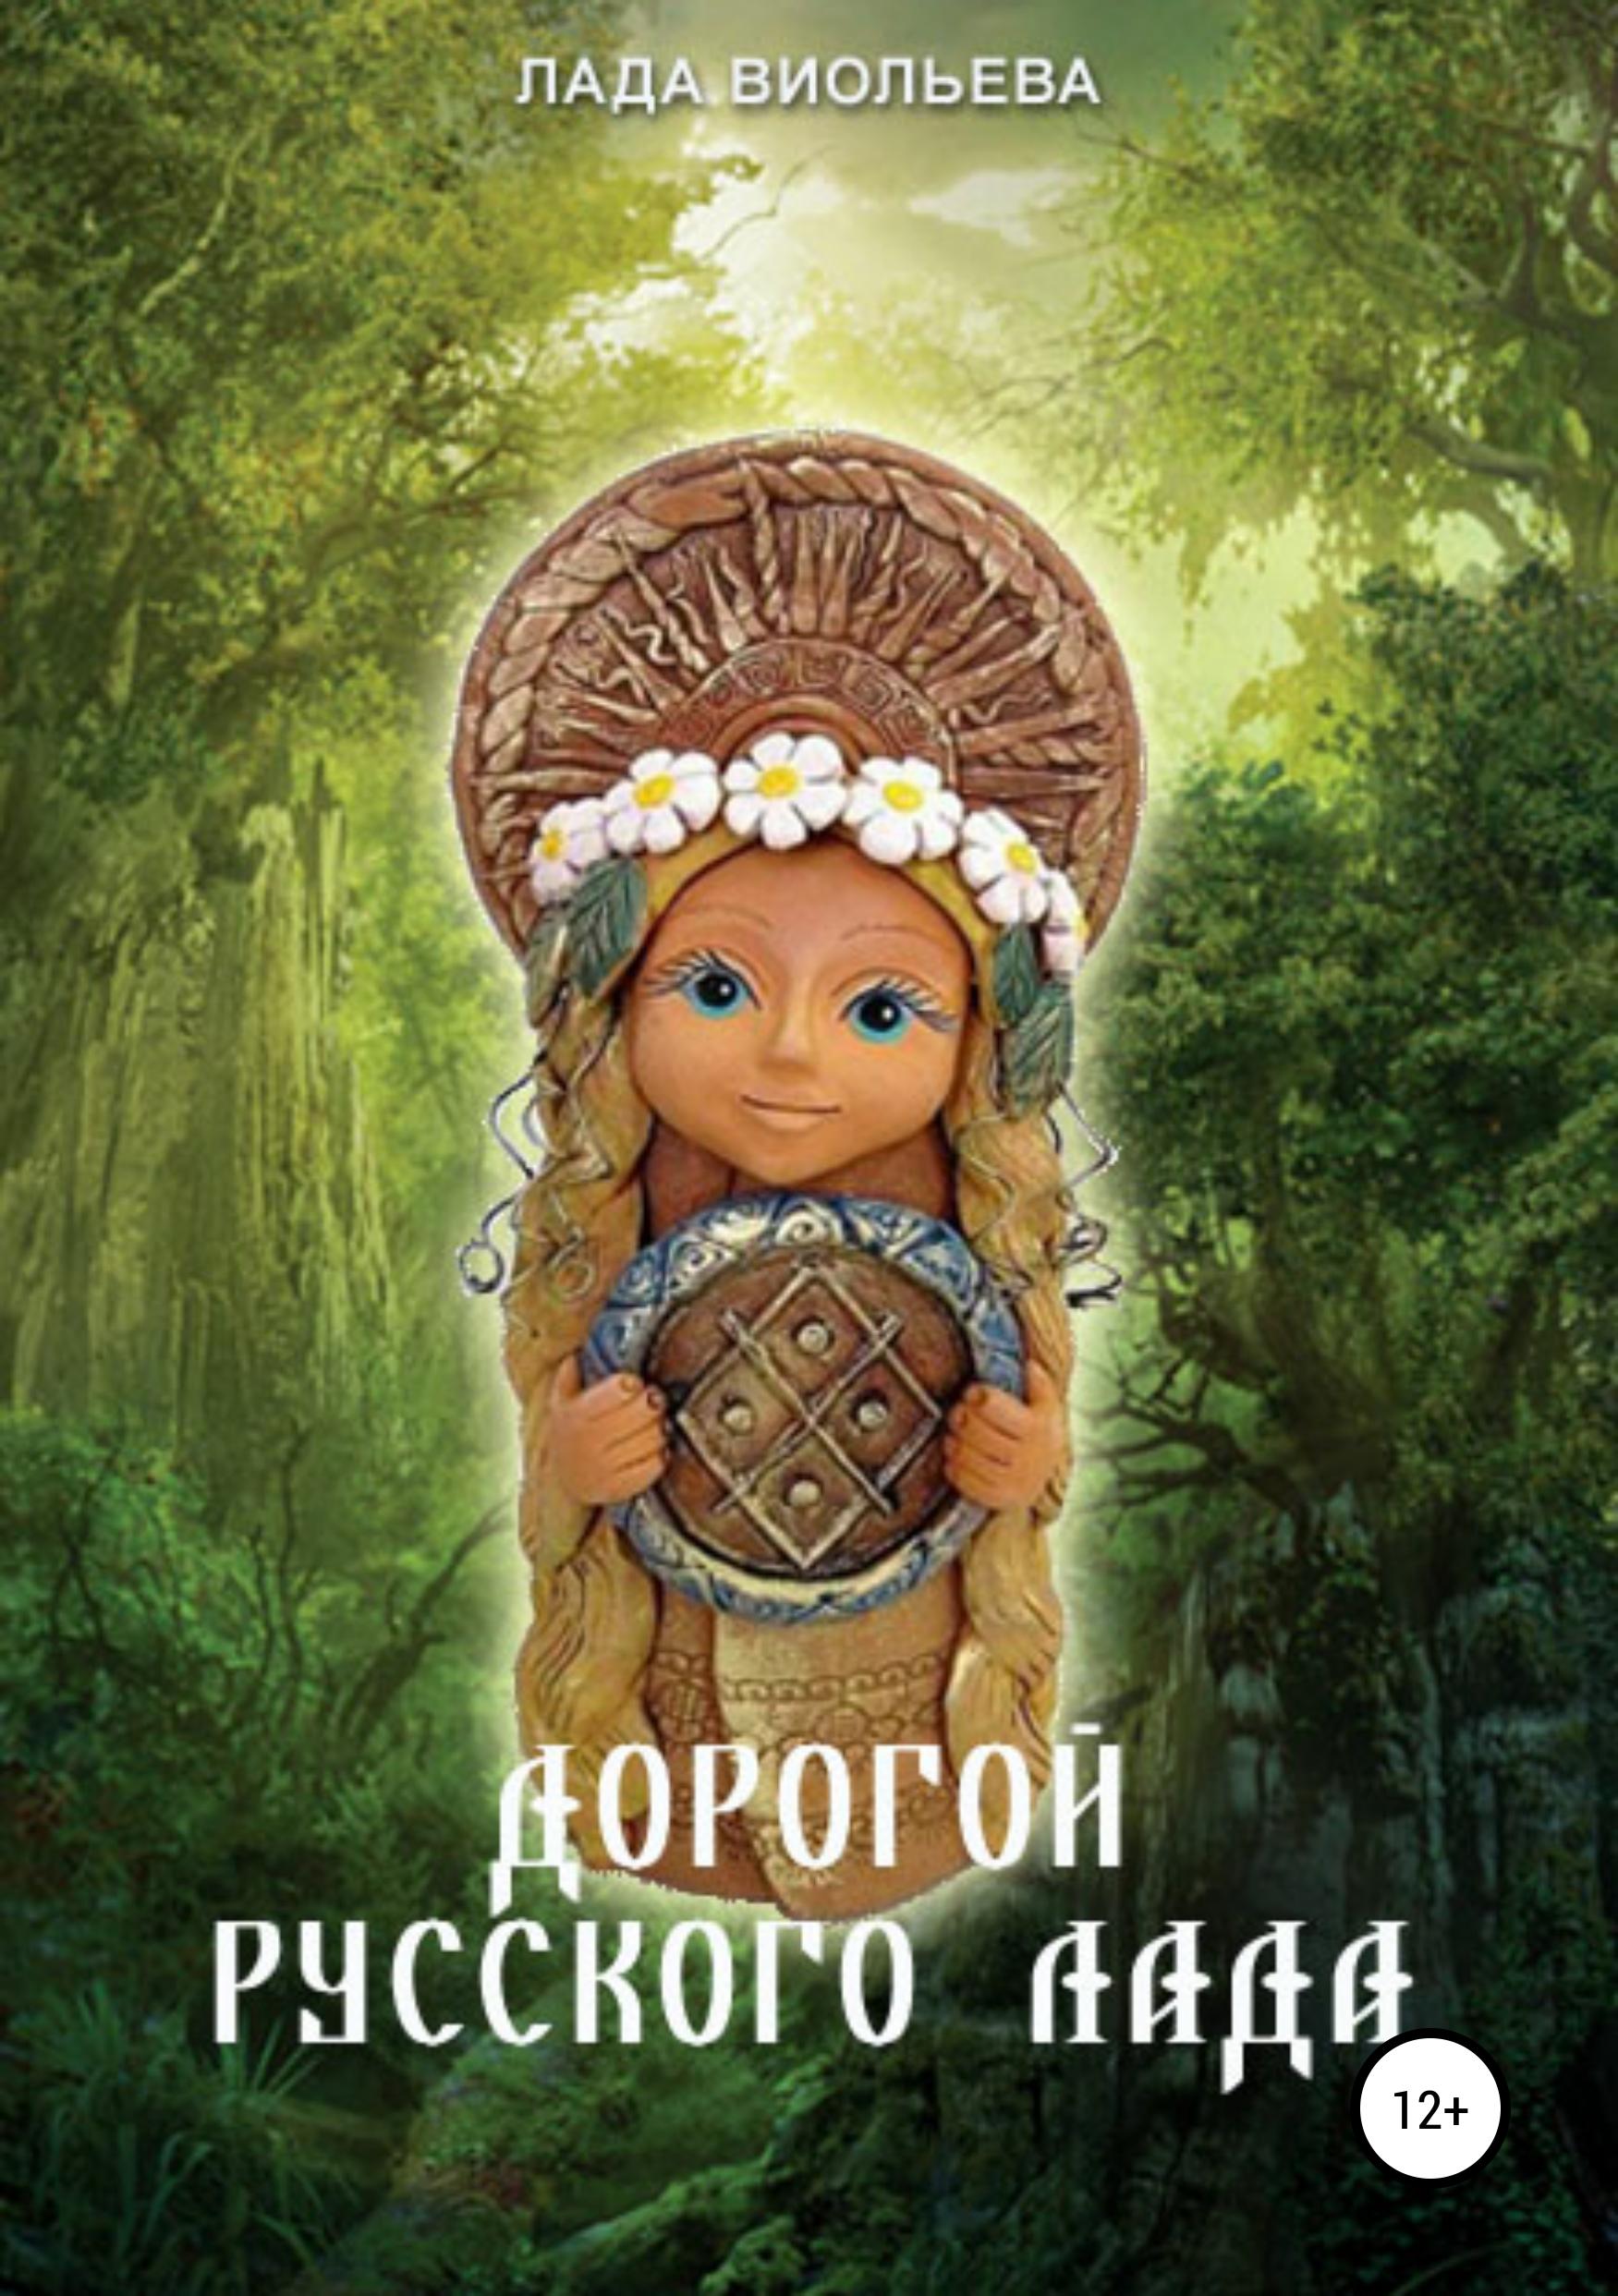 Дорогой русского лада: триглав одежек души